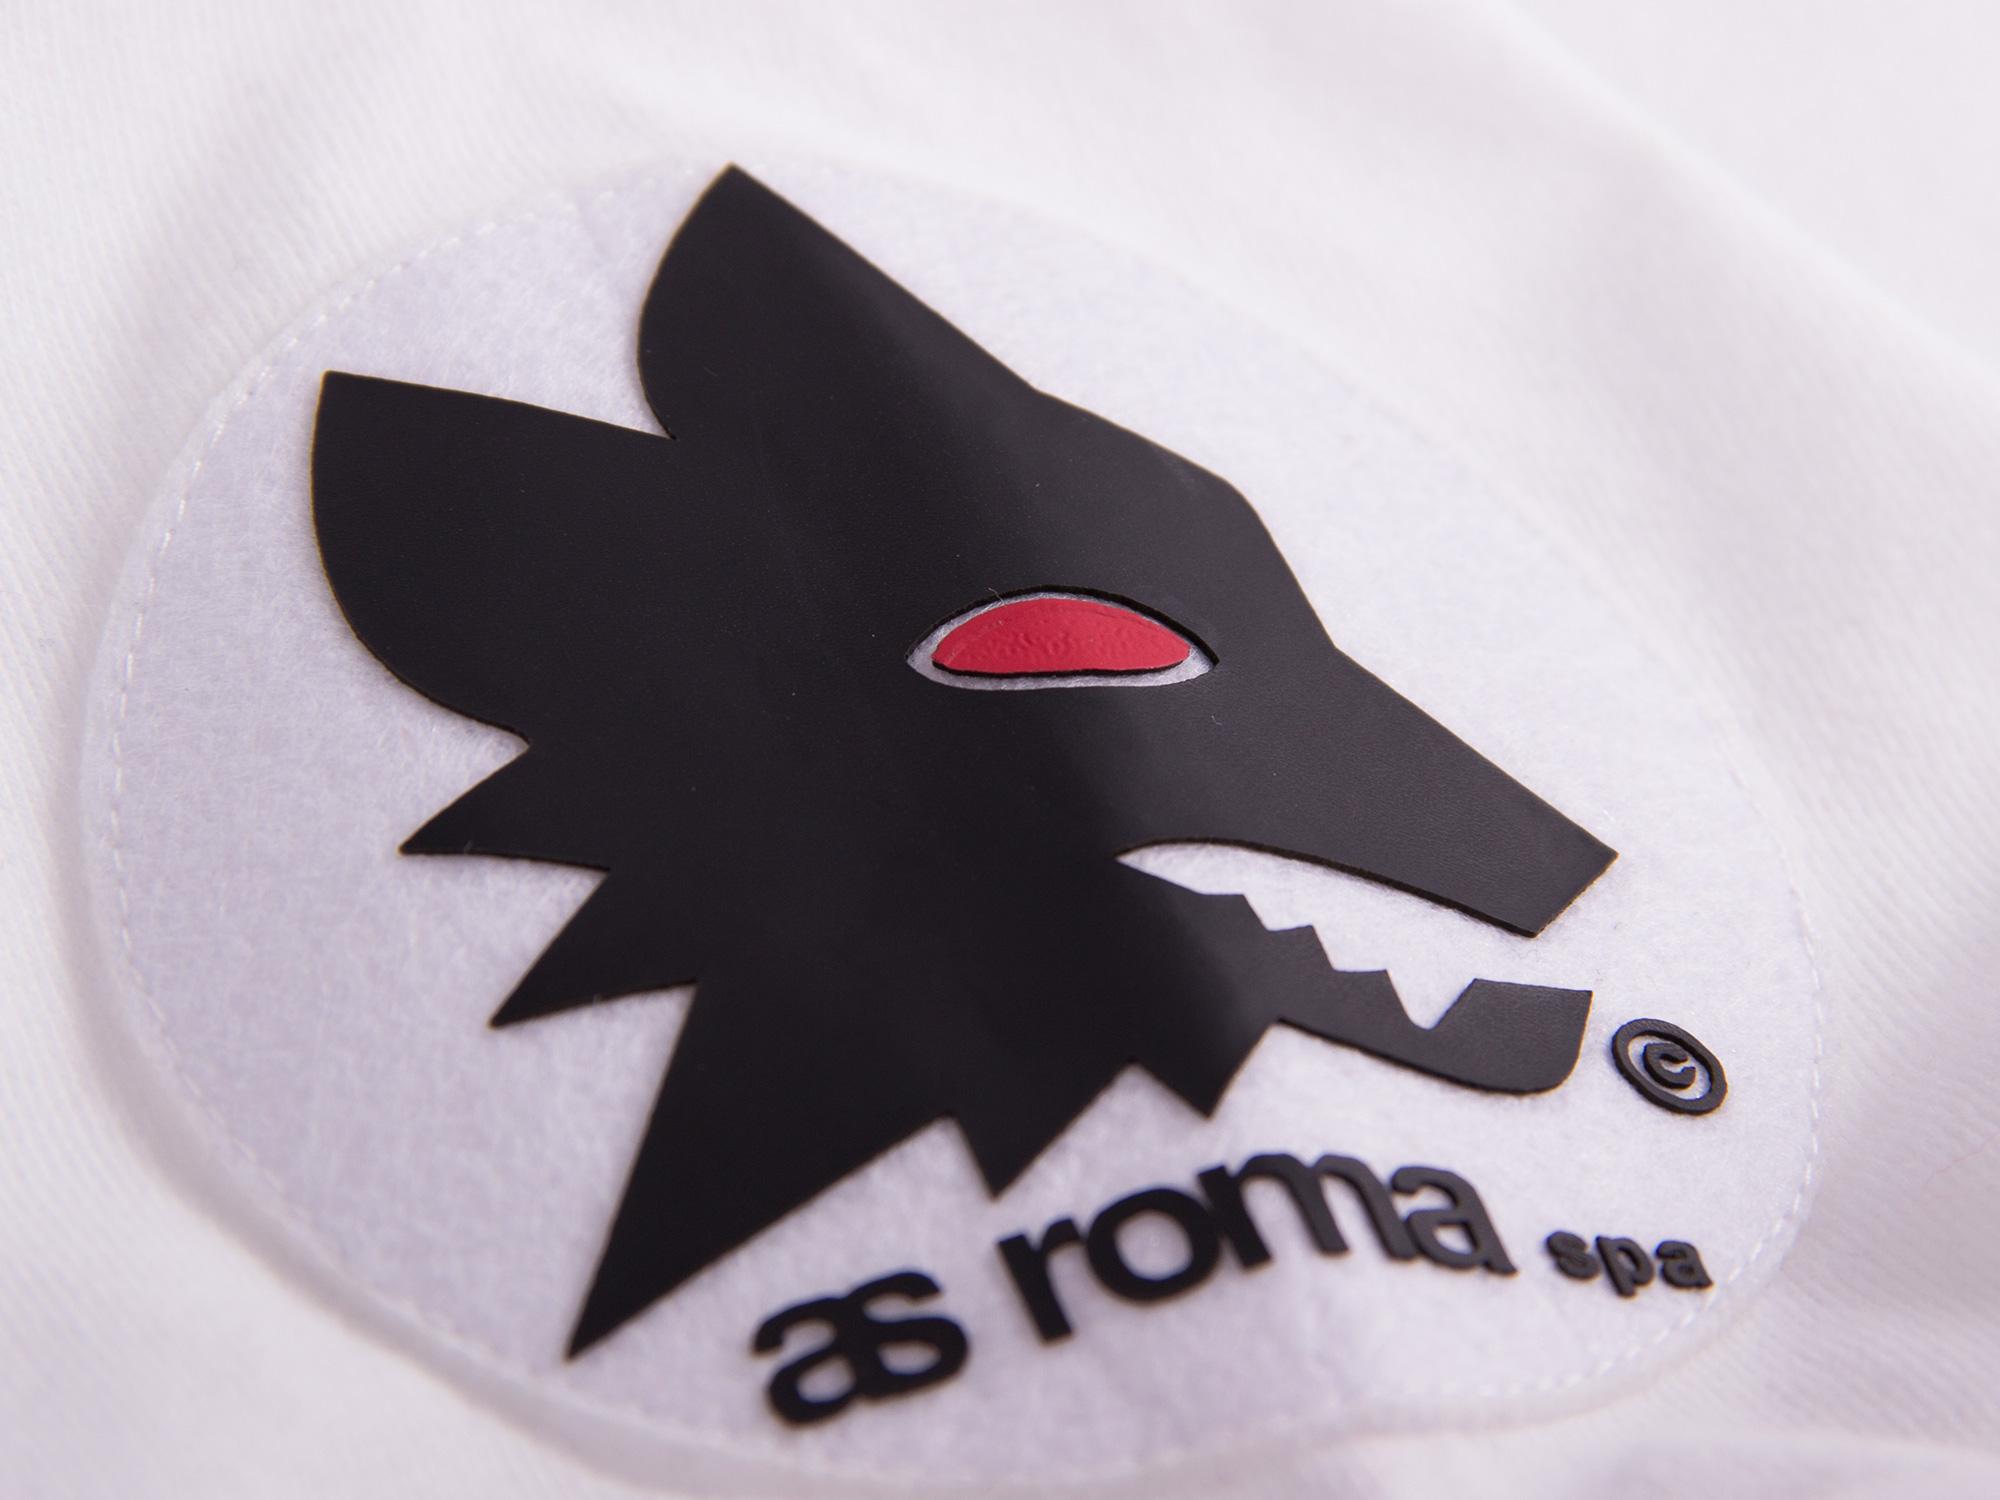 copa-as-roma-retro-collection-4